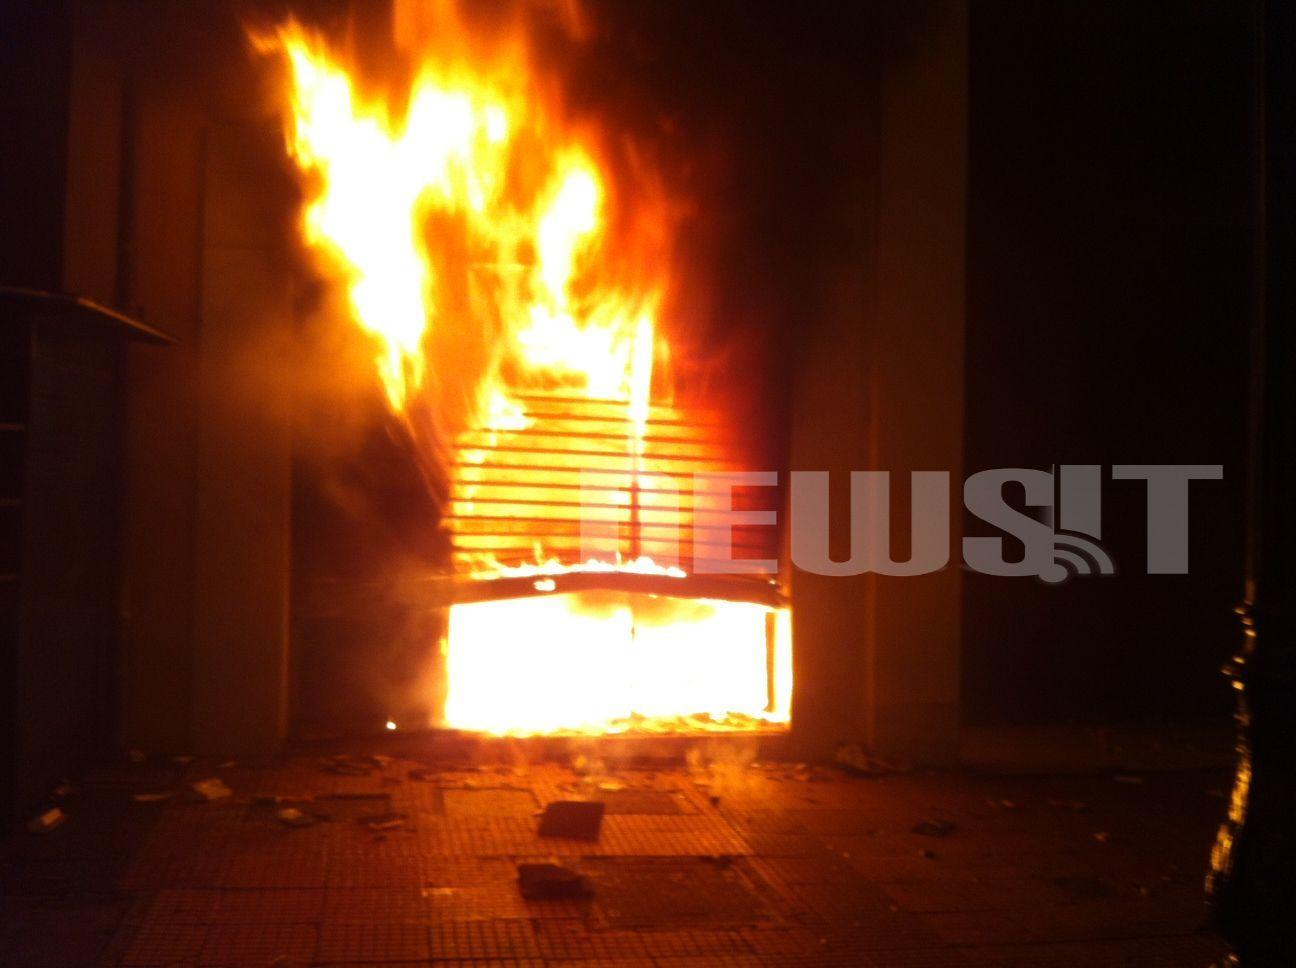 ΤΩΡΑ: Στις φλόγες καταστήματα και τράπεζες στο κέντρο της Αθήνας – ΣΥΝΕΧΗΣ ΕΝΗΜΕΡΩΣΗ